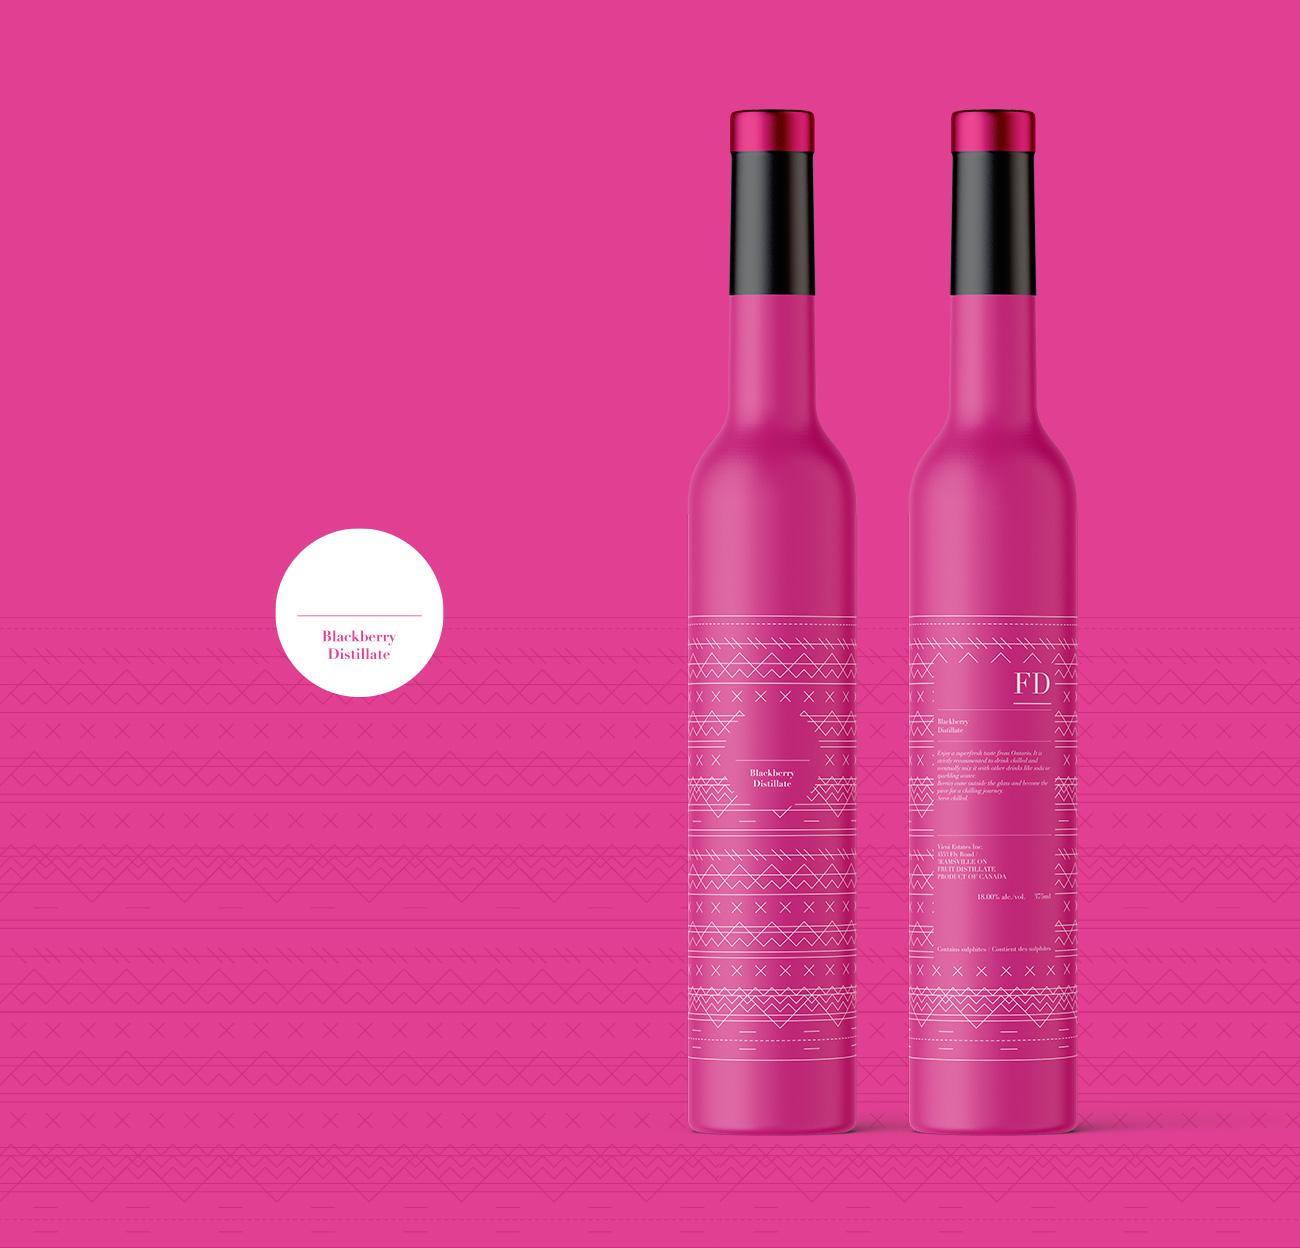 Progettazione grafica packaging etichette niagara frozen napoli avellino benevento